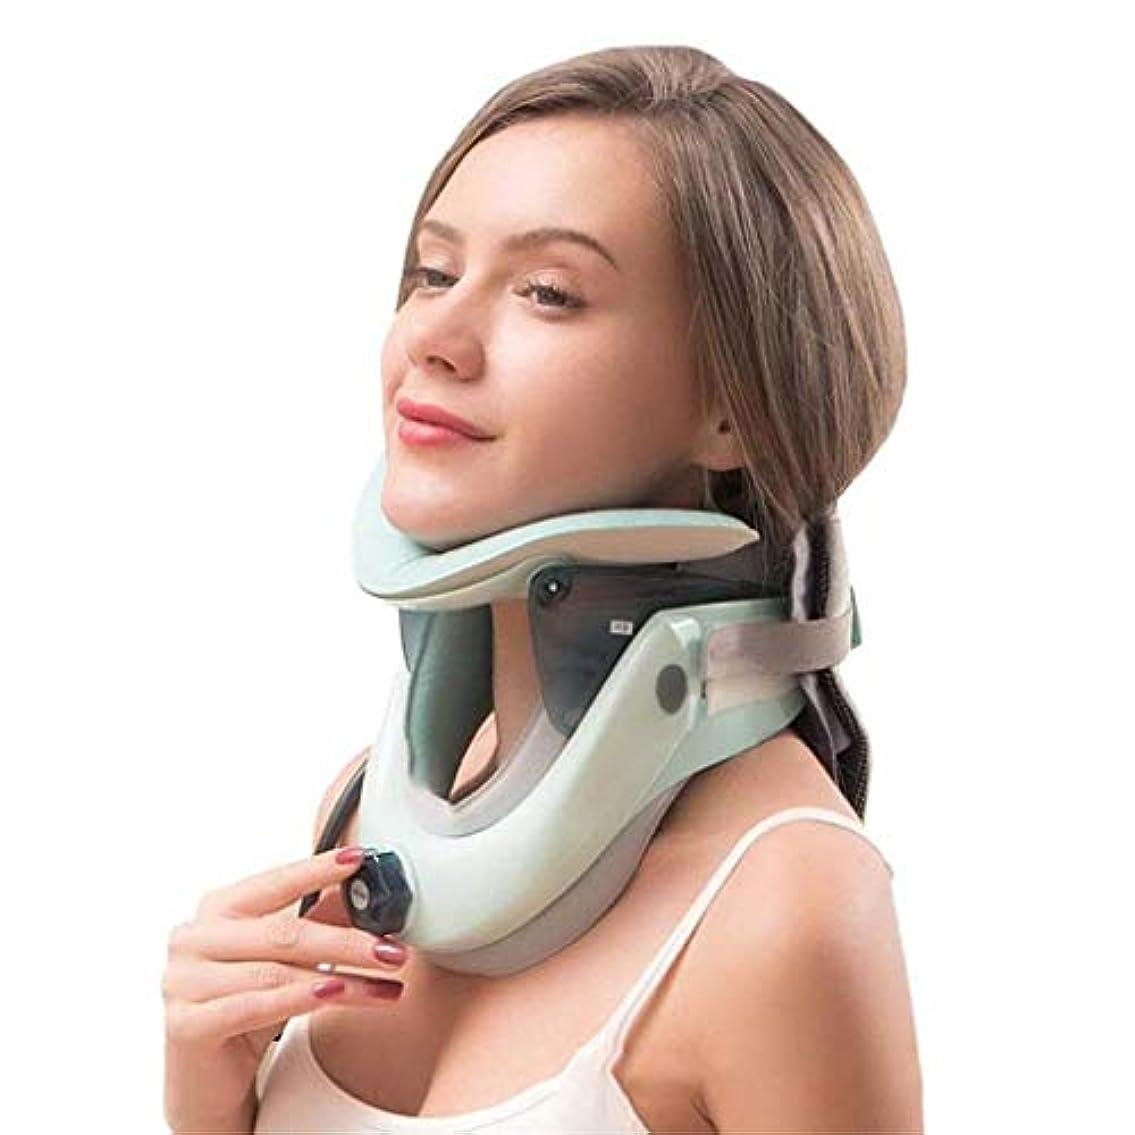 あえぎ刺します倒産頸部牽引ツール、医療用頸部牽引装置、家庭用インフレータブルネックサポート頸部サポート、ストレッチヘッド補正サポート、首と肩のマッサージャーのサポート痛みの軽減